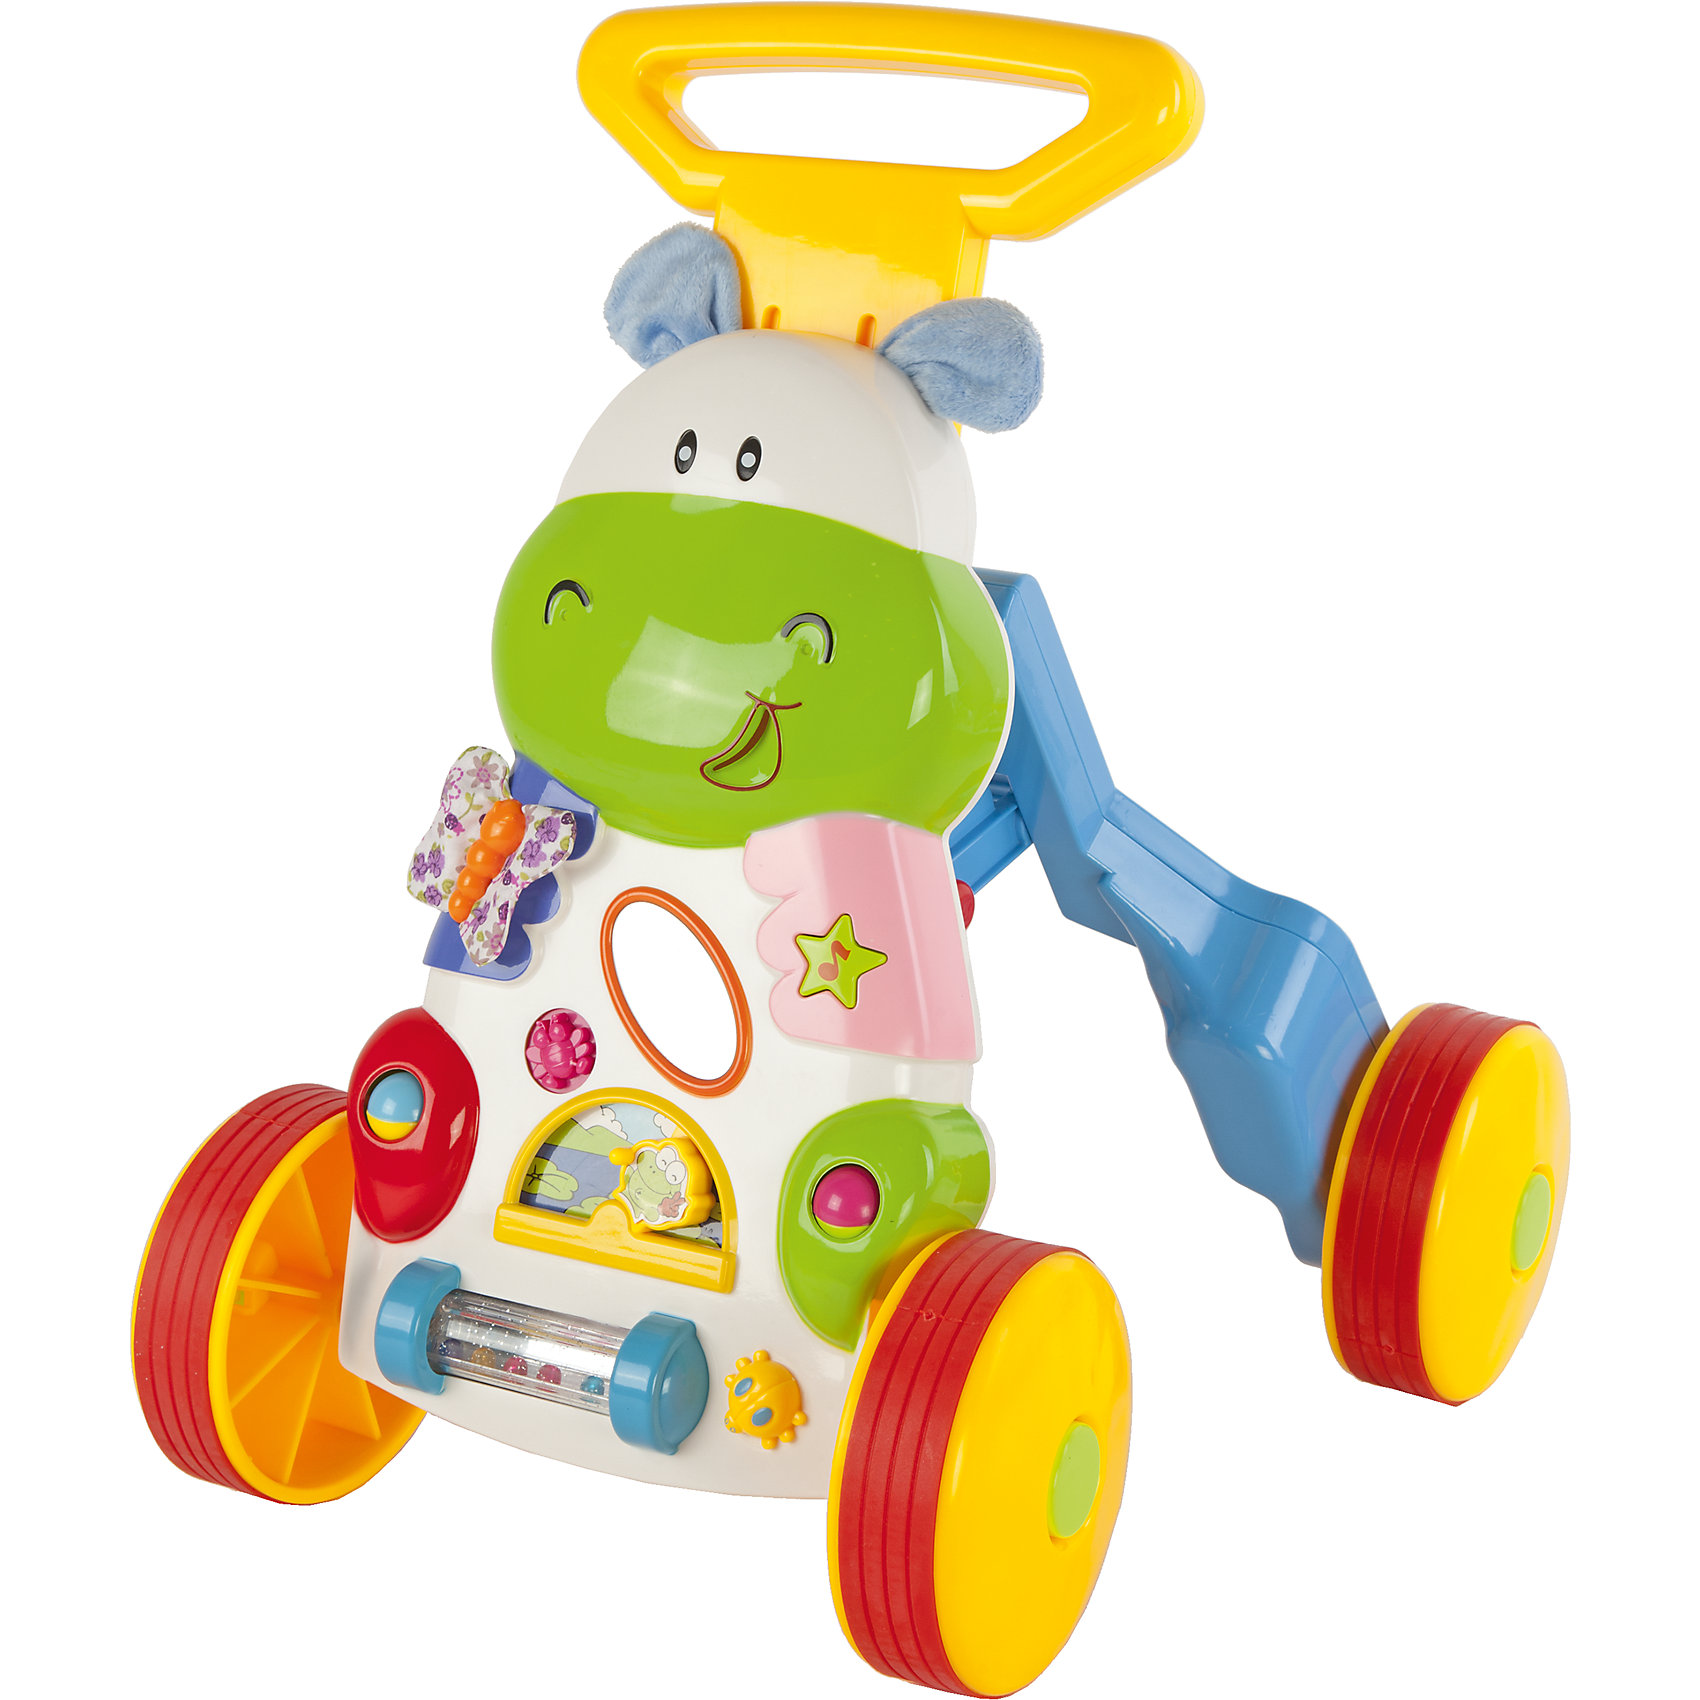 Каталка-ходунки Бегемотик, со светом и звуком, Shantou GepaiИгрушки для малышей<br>Каталка-ходунки Бегемотик, со светом и звуком, Shantou Gepai – это веселые ходунки, с которыми так весело играть и развиваться! Ребенок может опираться на удобную регулируемую ручку бегемотика, с которым так удобно ходить. А передняя часть ходунков оснащена разнообразными развивающими играми, такими как счеты, сортер, часы, который научит ребенка понятию времени на примере стрелок и циферблата. На панели также имеется вращающийся барабан с шариками, в центре размещен домик с дверцей  и бабочка с двигающимся крылышком. У каталки имеются звуковые и световые сигналы. С этой каталкой малыш сможет развить навыки координации движения и навыки управления, а развивающие игры помогут развить логику, мелкую моторику рук.<br><br>Дополнительная информация:<br><br>- В комплект входит: 1 каталка<br>- Материал: АБС пластик<br>- Размер: 25 * 40 * 42 см<br>- Вес: 2,04 кг.<br>- Необходимы батарейки типа АА (не входят в комплект)<br><br>Каталка-ходунки Бегемотик, со светом и звуком, Shantou Gepai можно купить в нашем интернет-магазине.<br><br>Подробнее:<br>• Для детей в возрасте: от 12 месяцев до 2 лет<br>• Номер товара: 4925518<br>Страна производитель: Китай<br><br>Ширина мм: 400<br>Глубина мм: 250<br>Высота мм: 415<br>Вес г: 15267<br>Возраст от месяцев: 10<br>Возраст до месяцев: 36<br>Пол: Унисекс<br>Возраст: Детский<br>SKU: 4925518